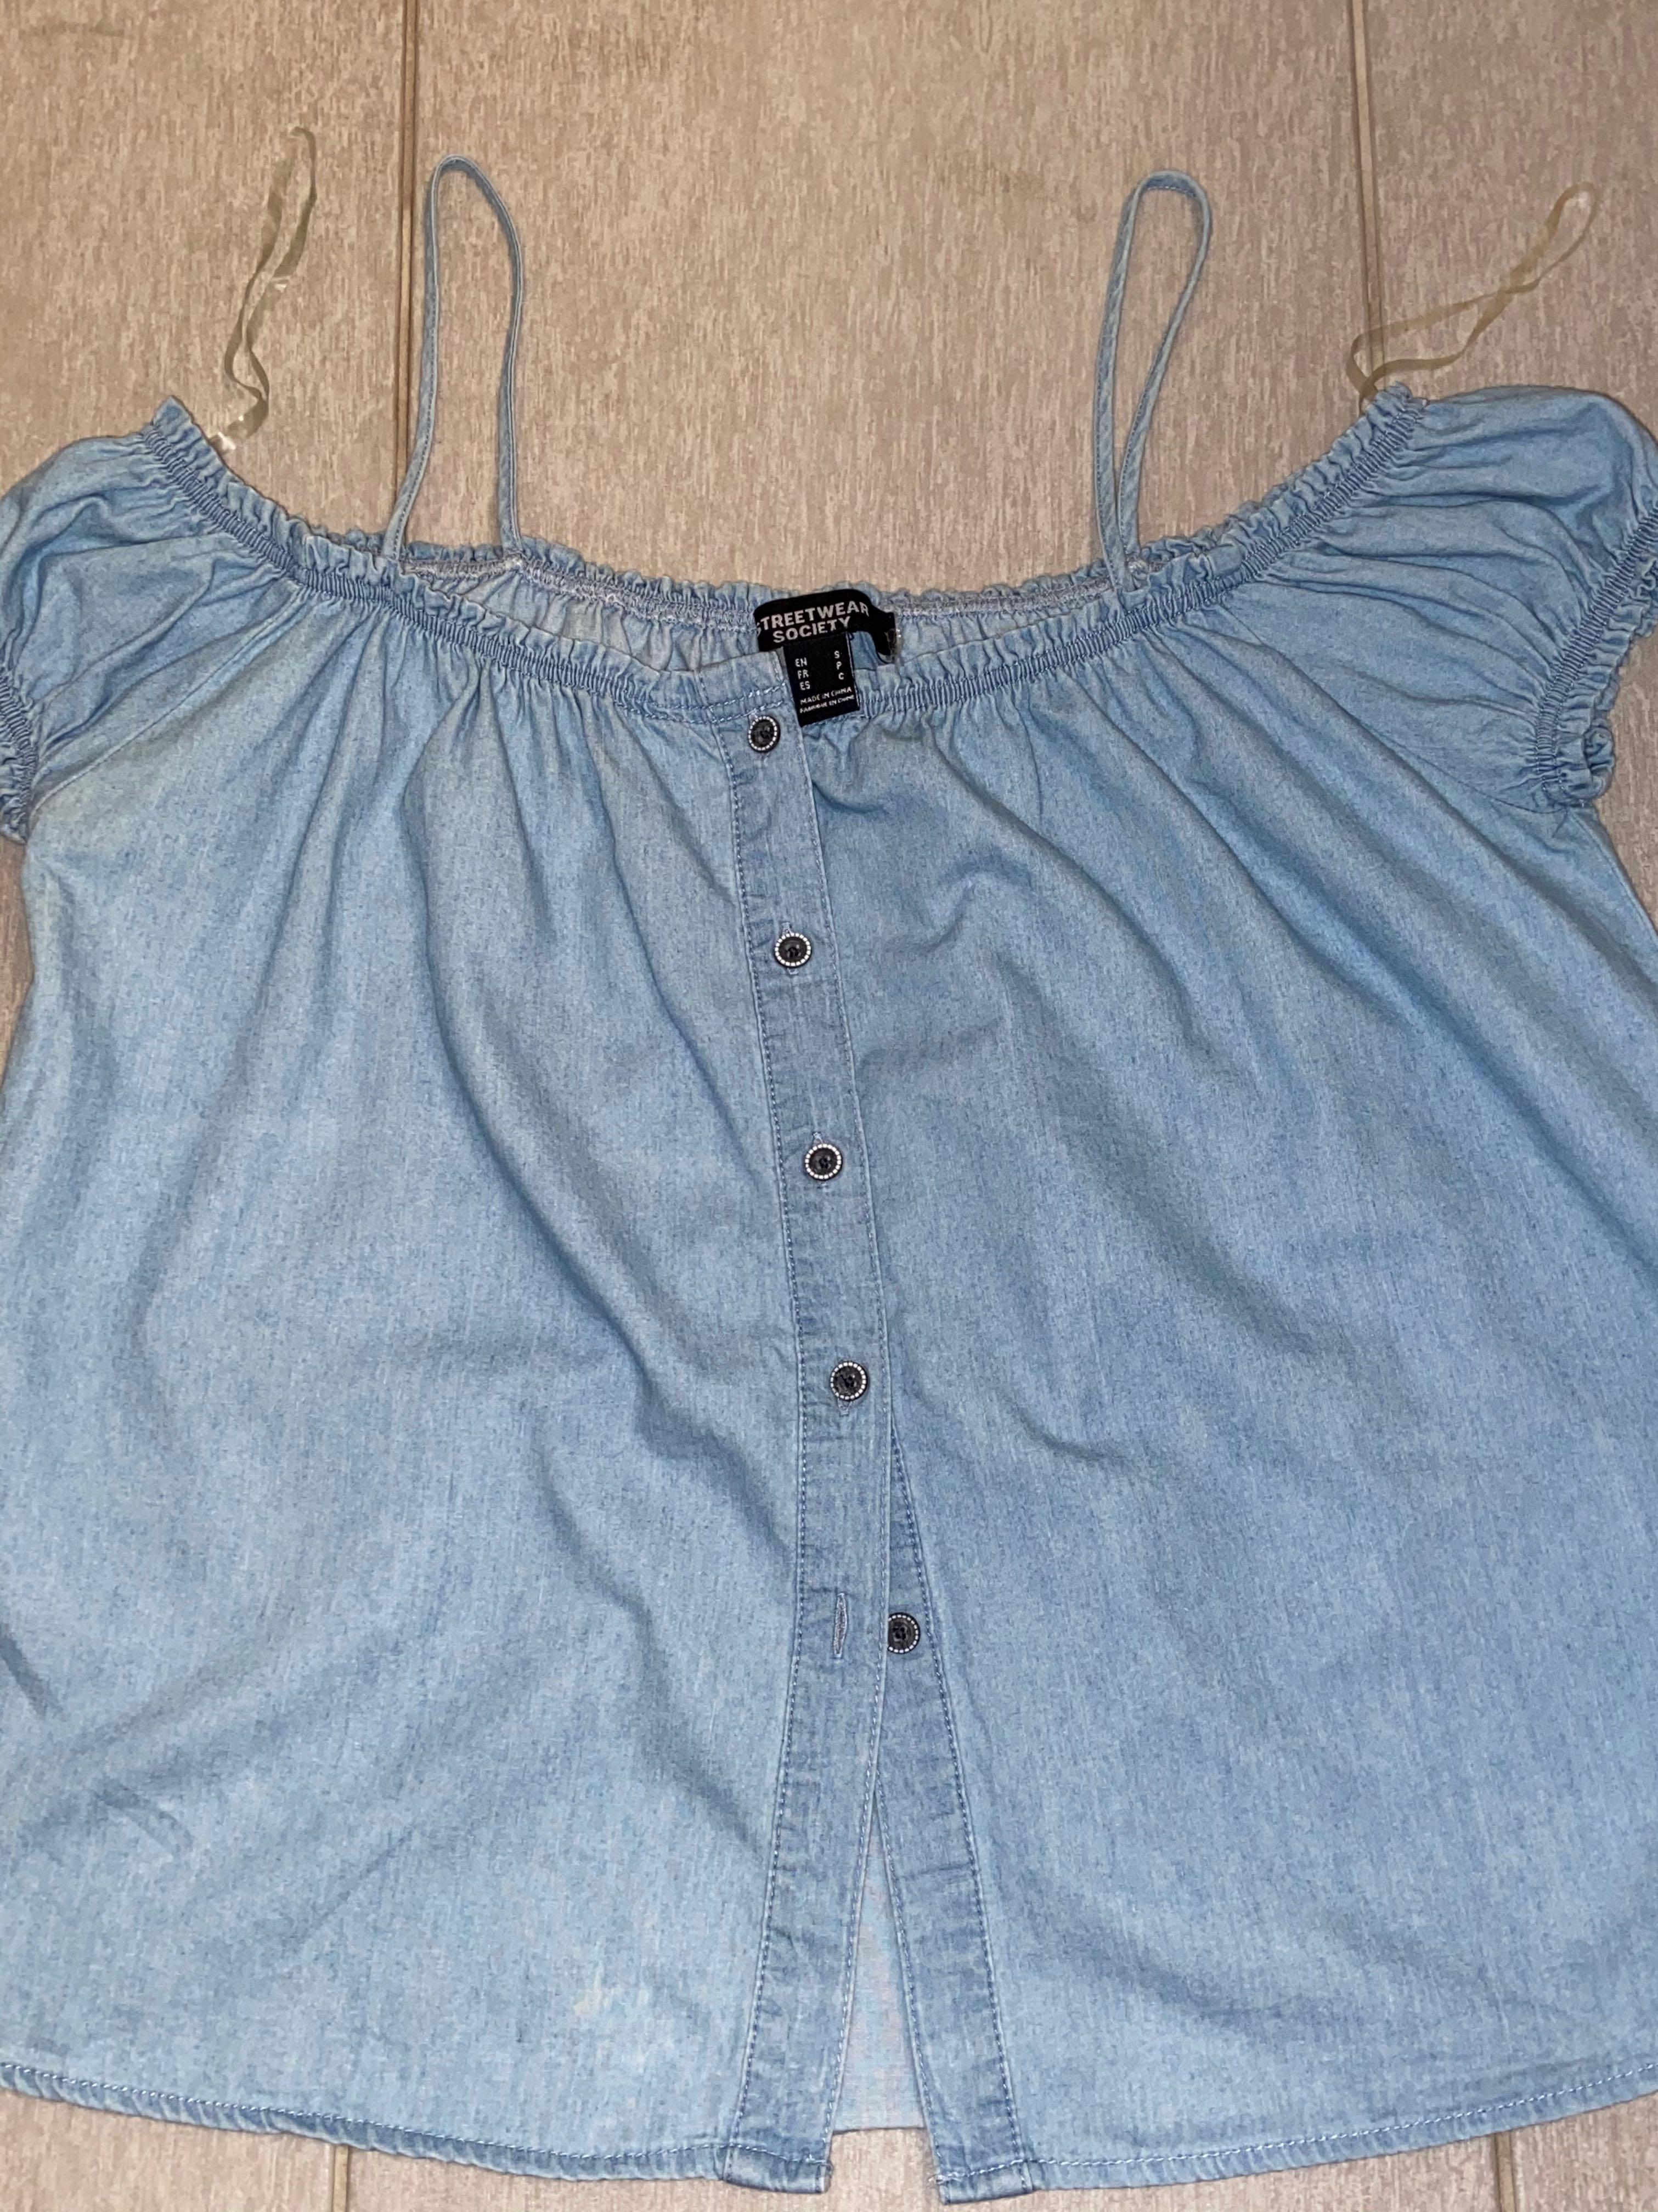 Off shoulder shirt